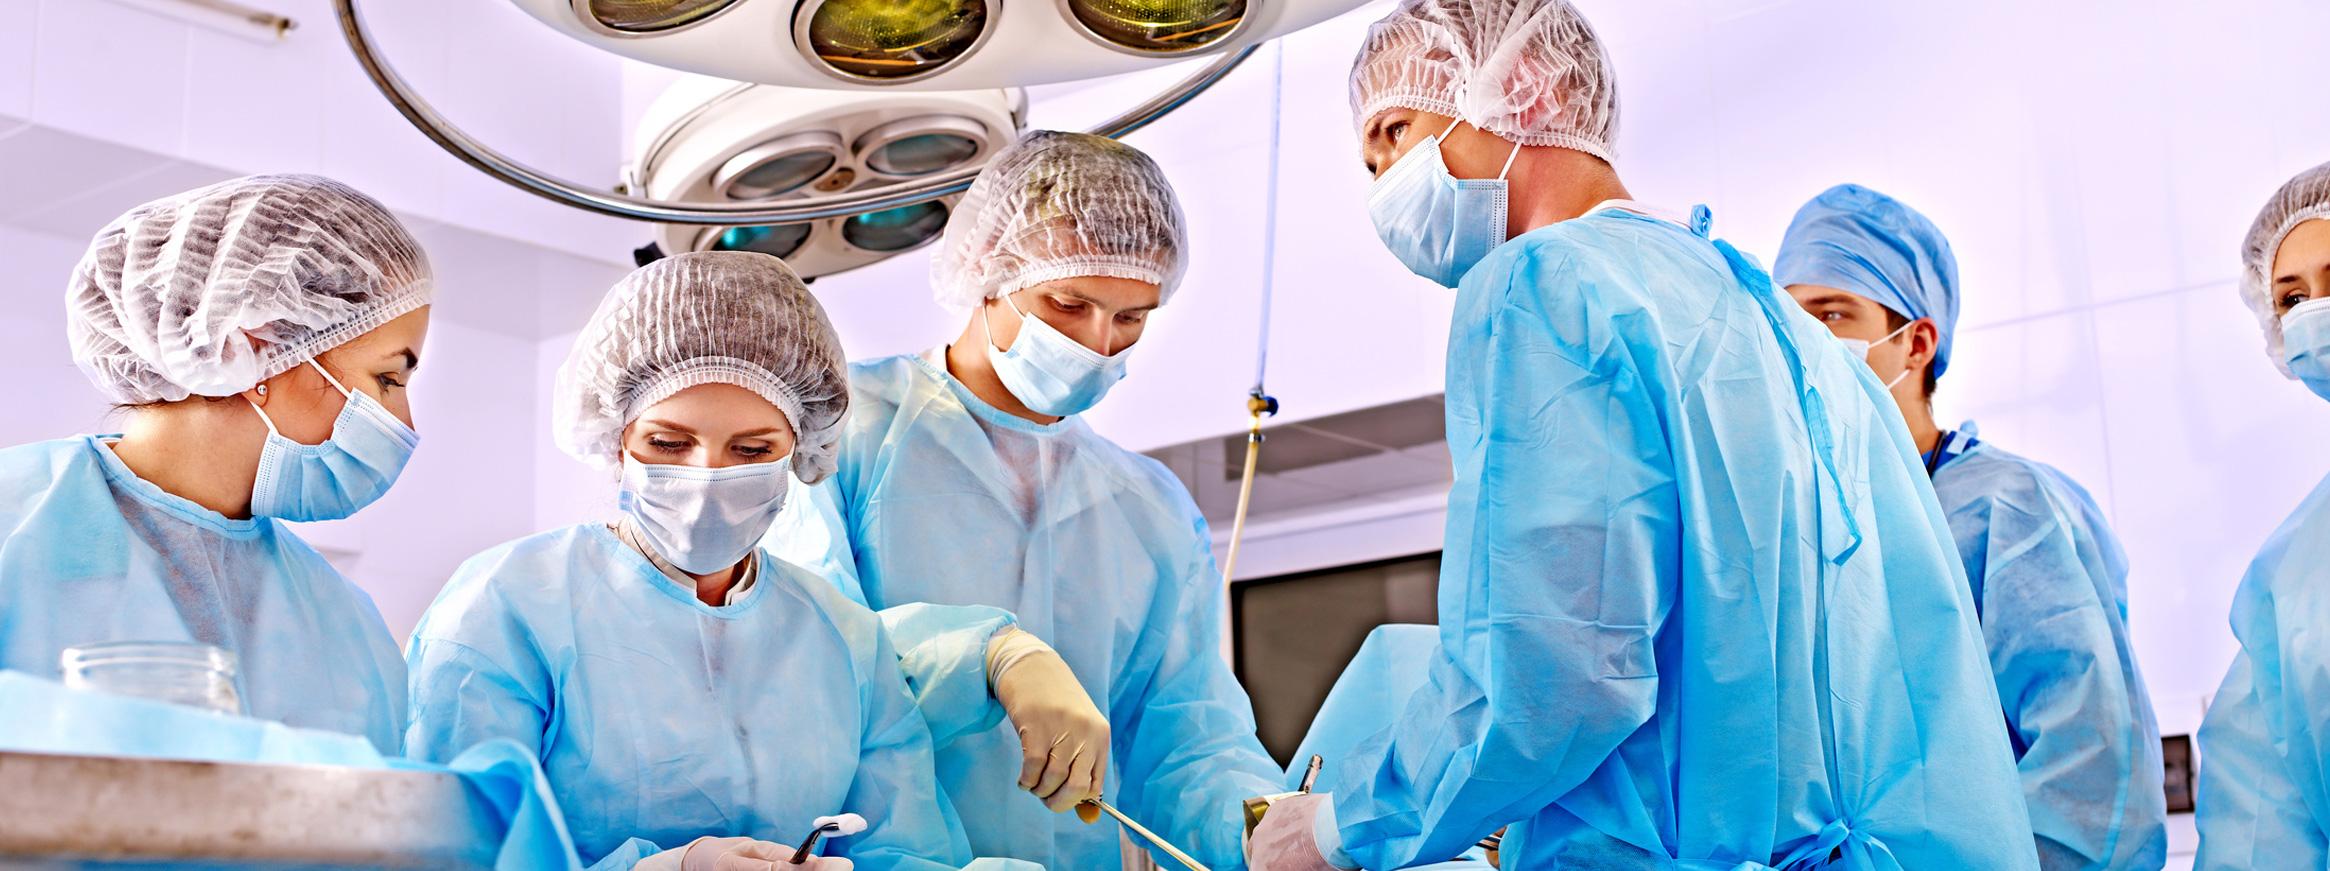 OP-Krankenhaus-Arbeitssicherheit-Arbeitsmedizin